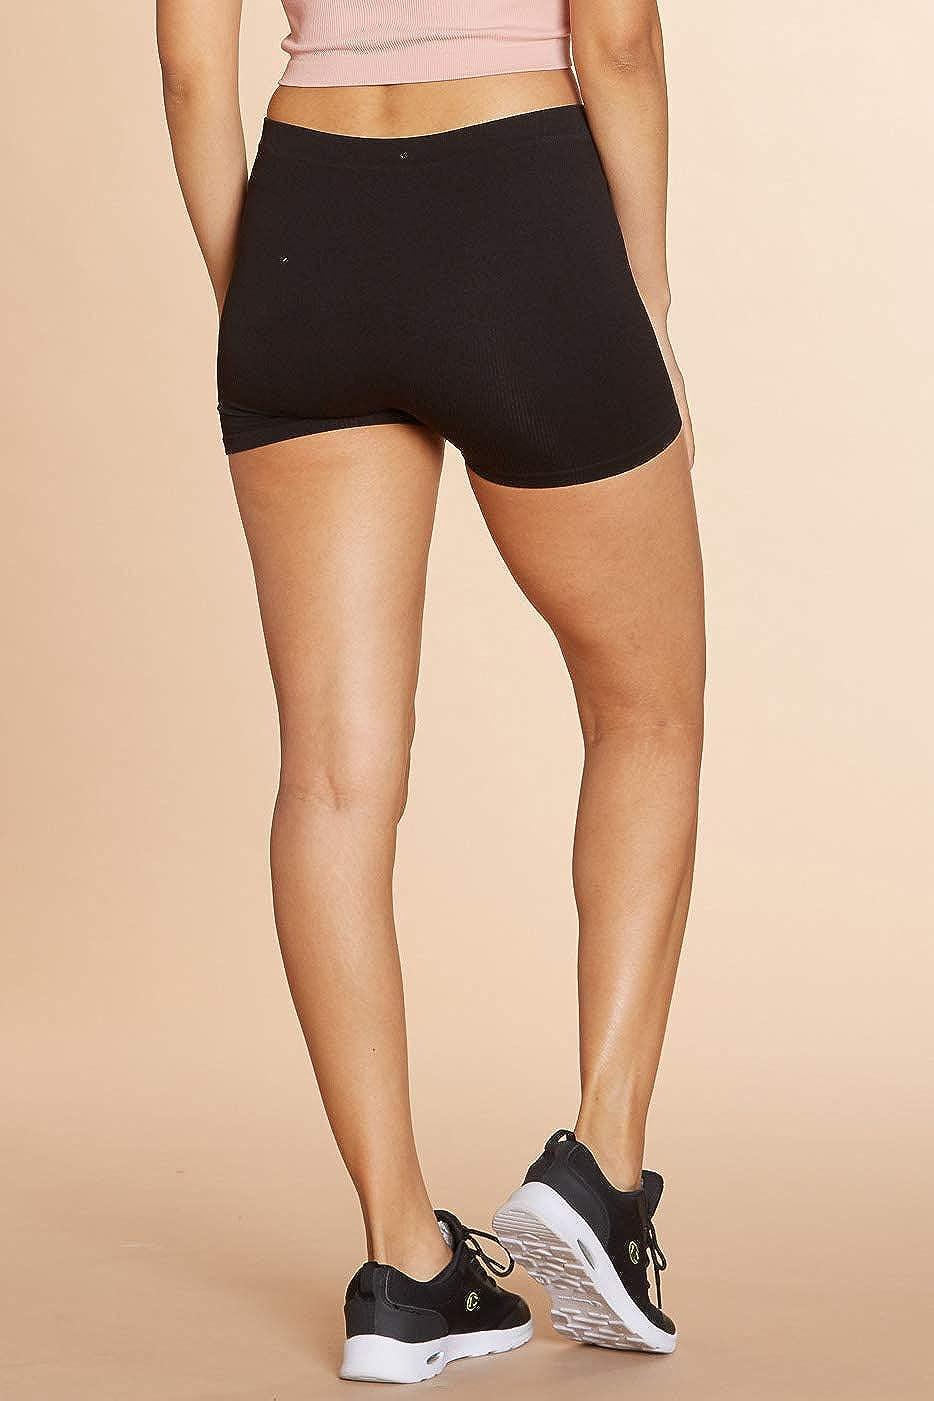 Urban Look Super Stretch Body Enhancing Seamless Ribbed Slip Shorts Biker Shorts f/ür Unterkleider und Workout